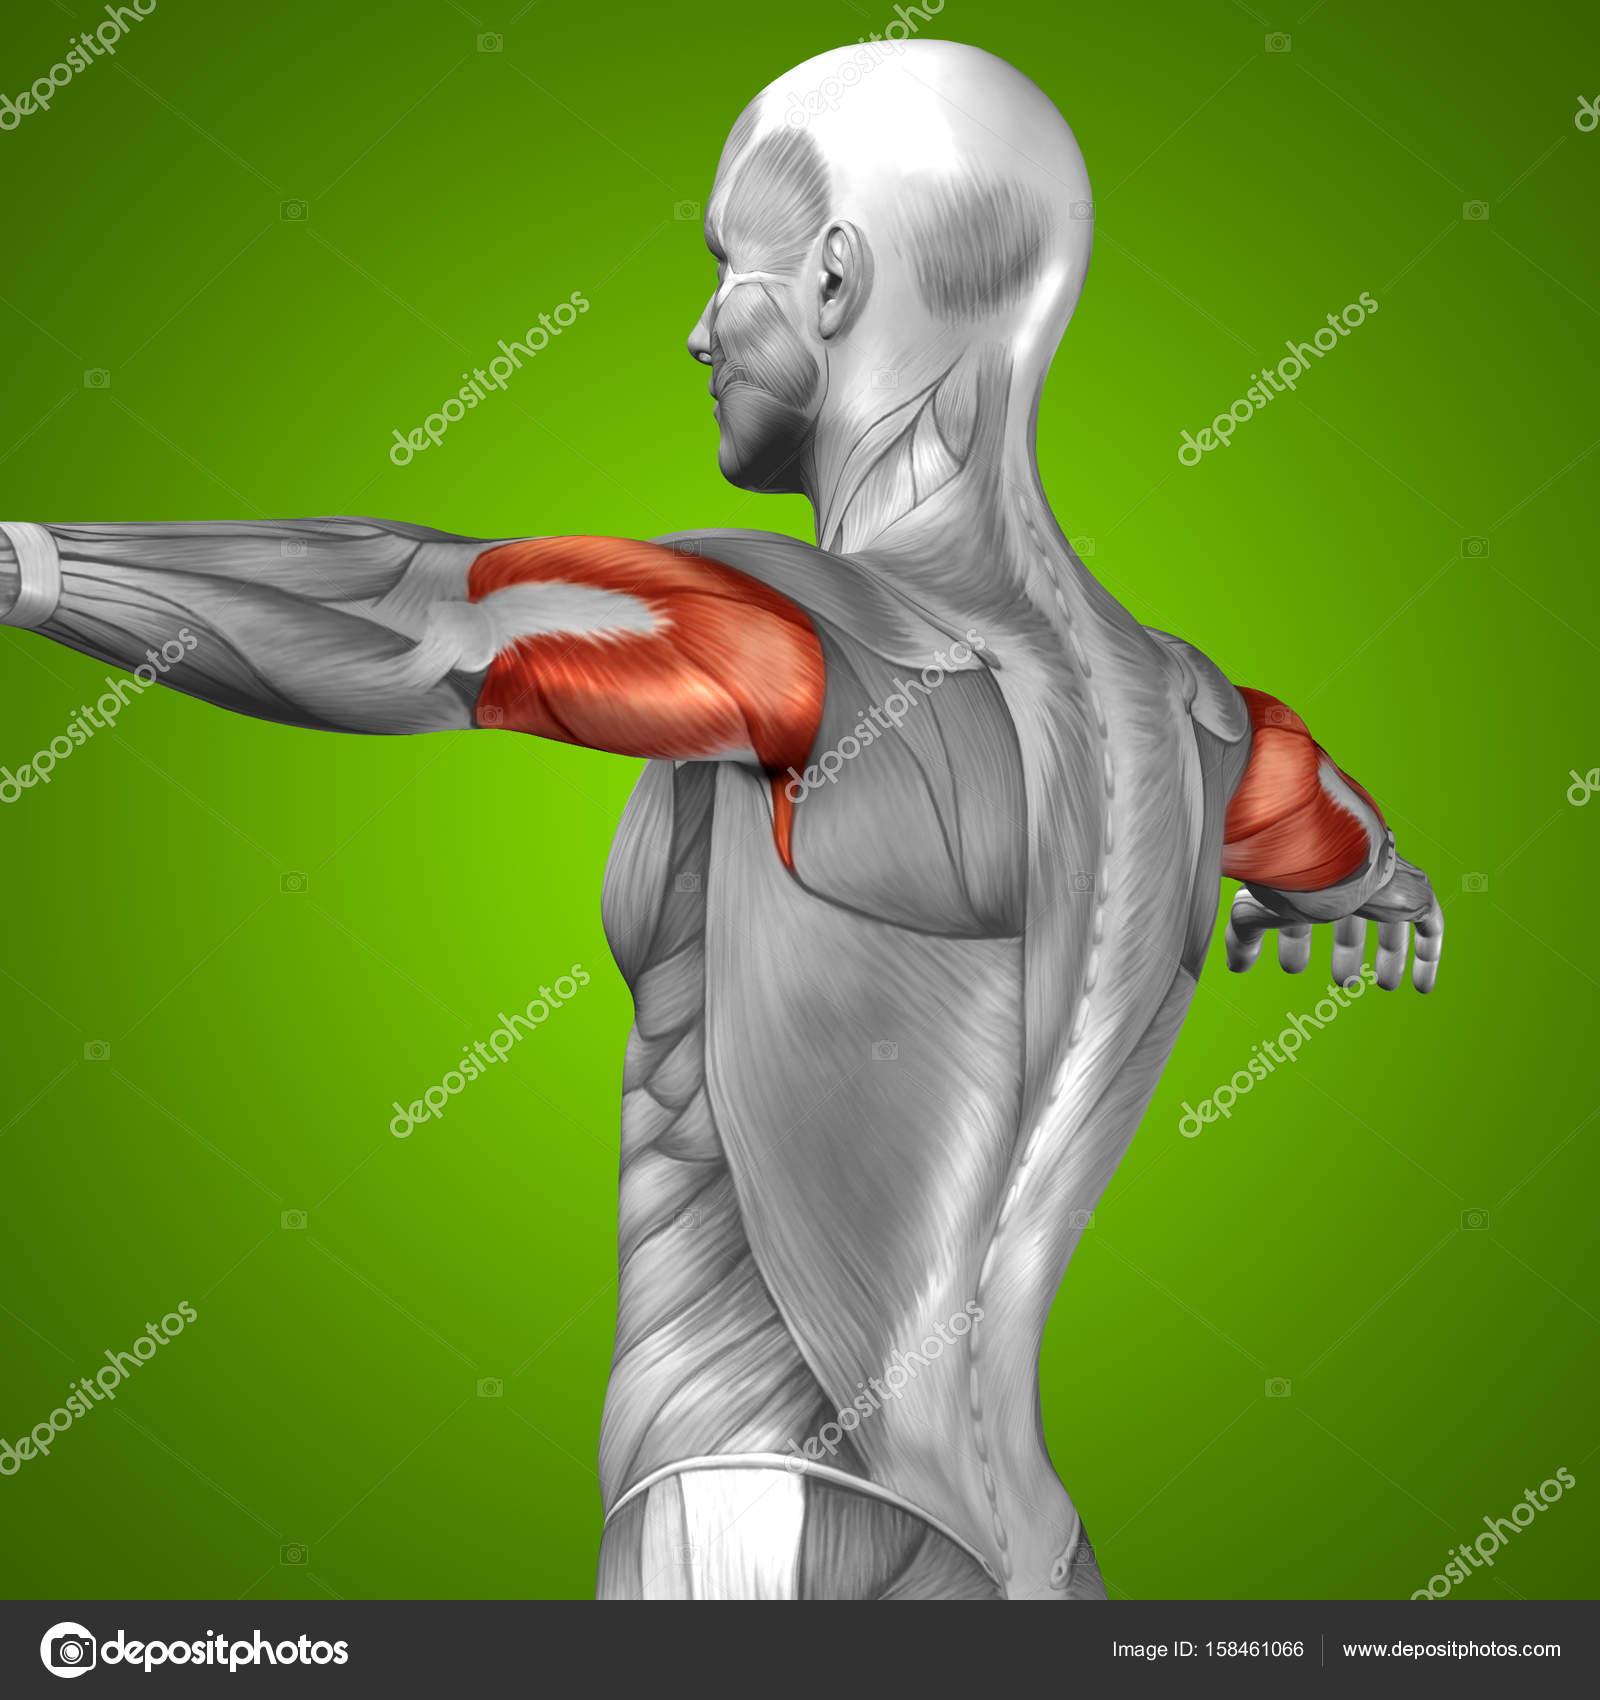 Anatomía del abdomen — Foto de stock © design36 #158461066